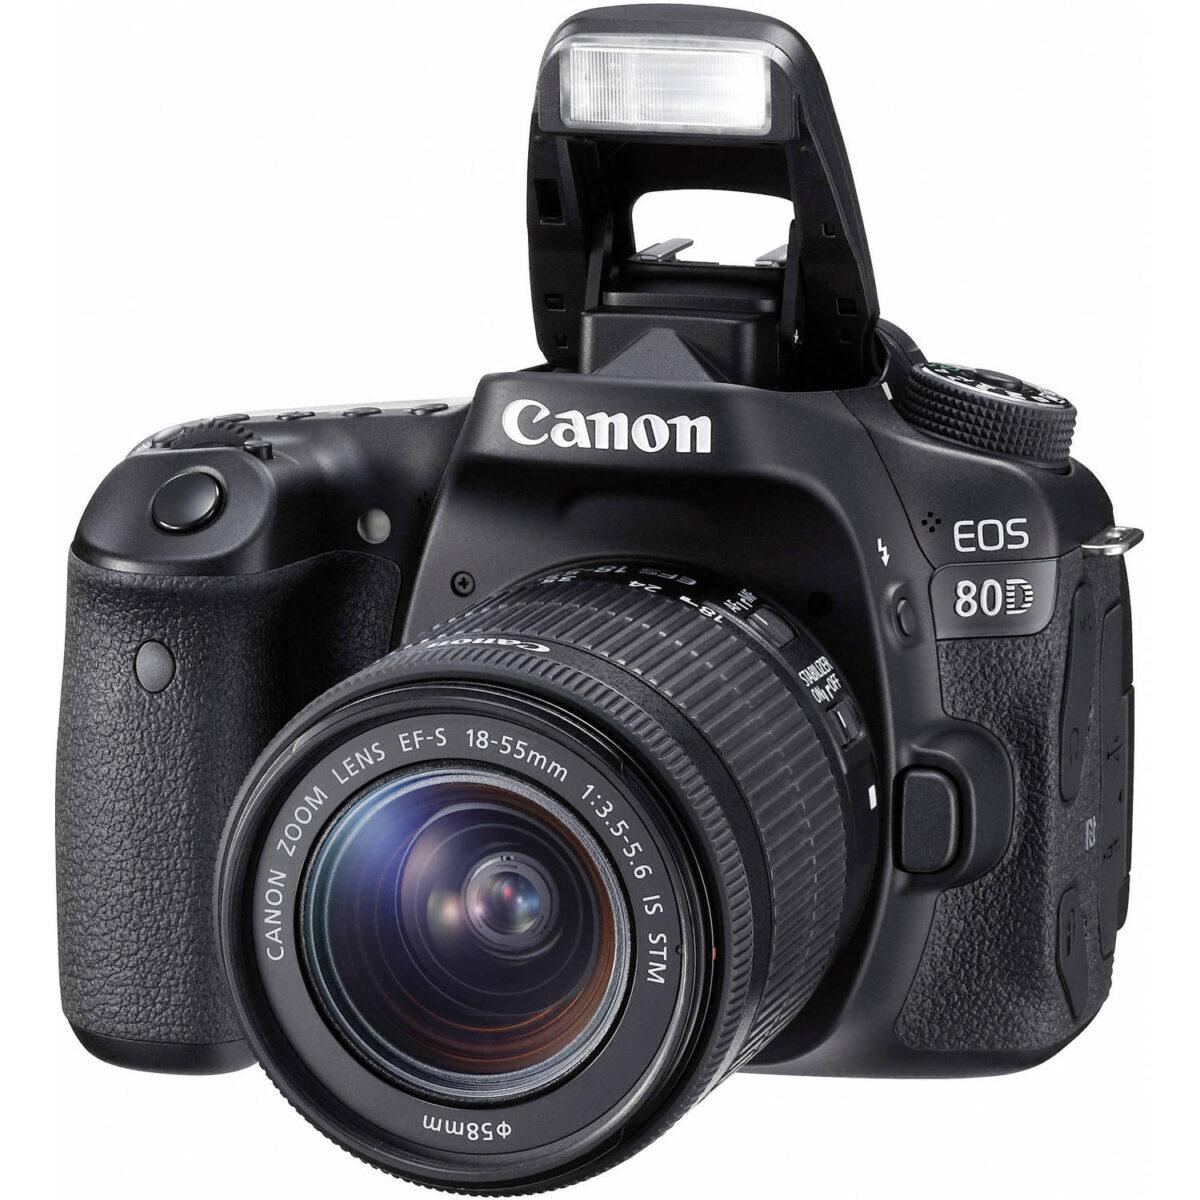 قیمت ویژه دوربین کانن 80D در فروشگاه یزد کمرا